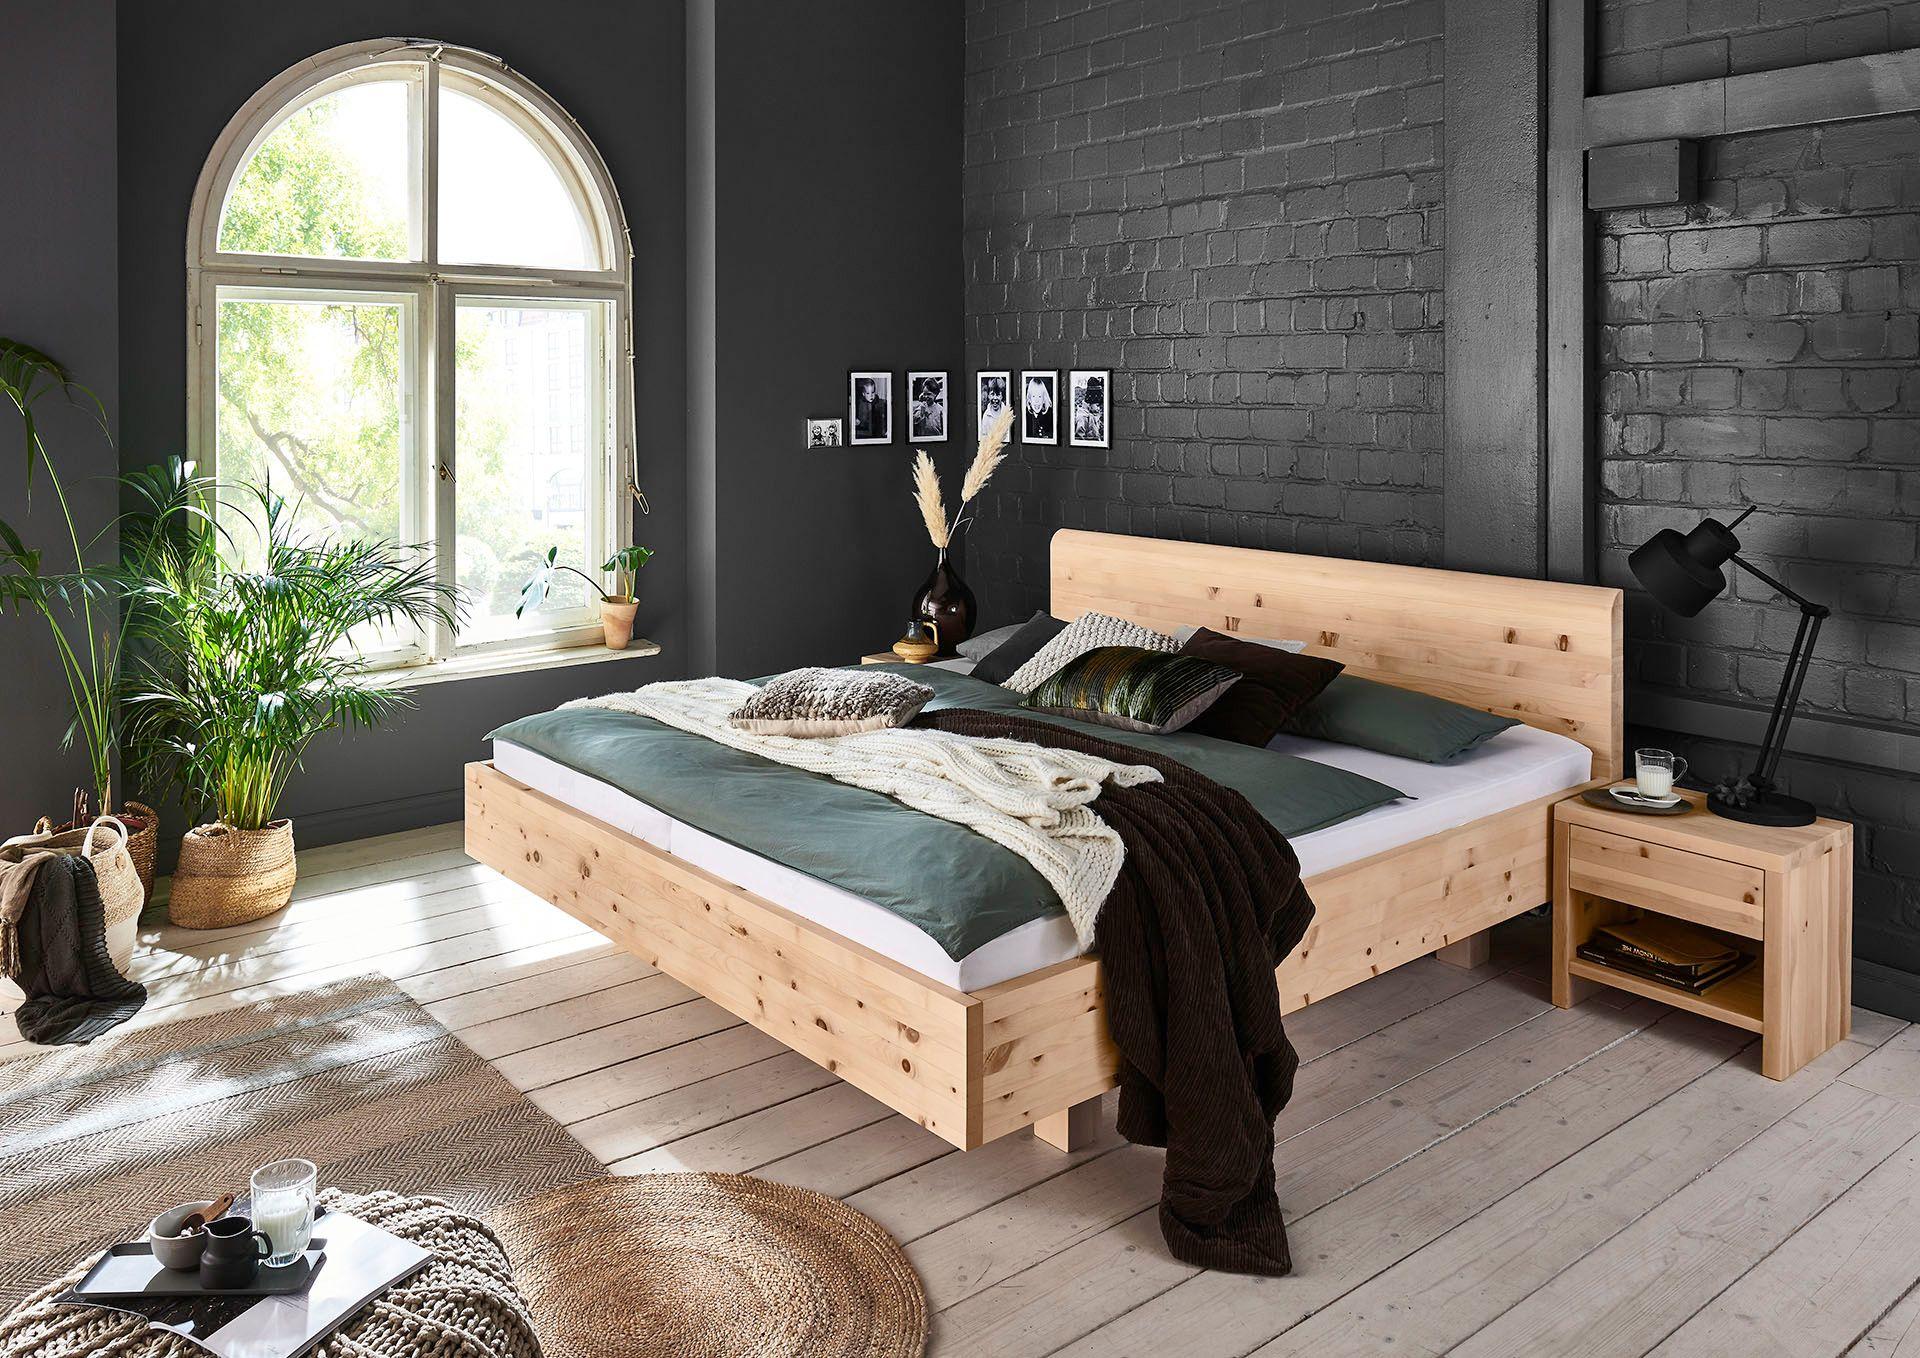 Full Size of Schlafstudio Helm Preise Bett Ihr Individuelles Aus Dem Mit Wohnzimmer Schlafstudio Helm